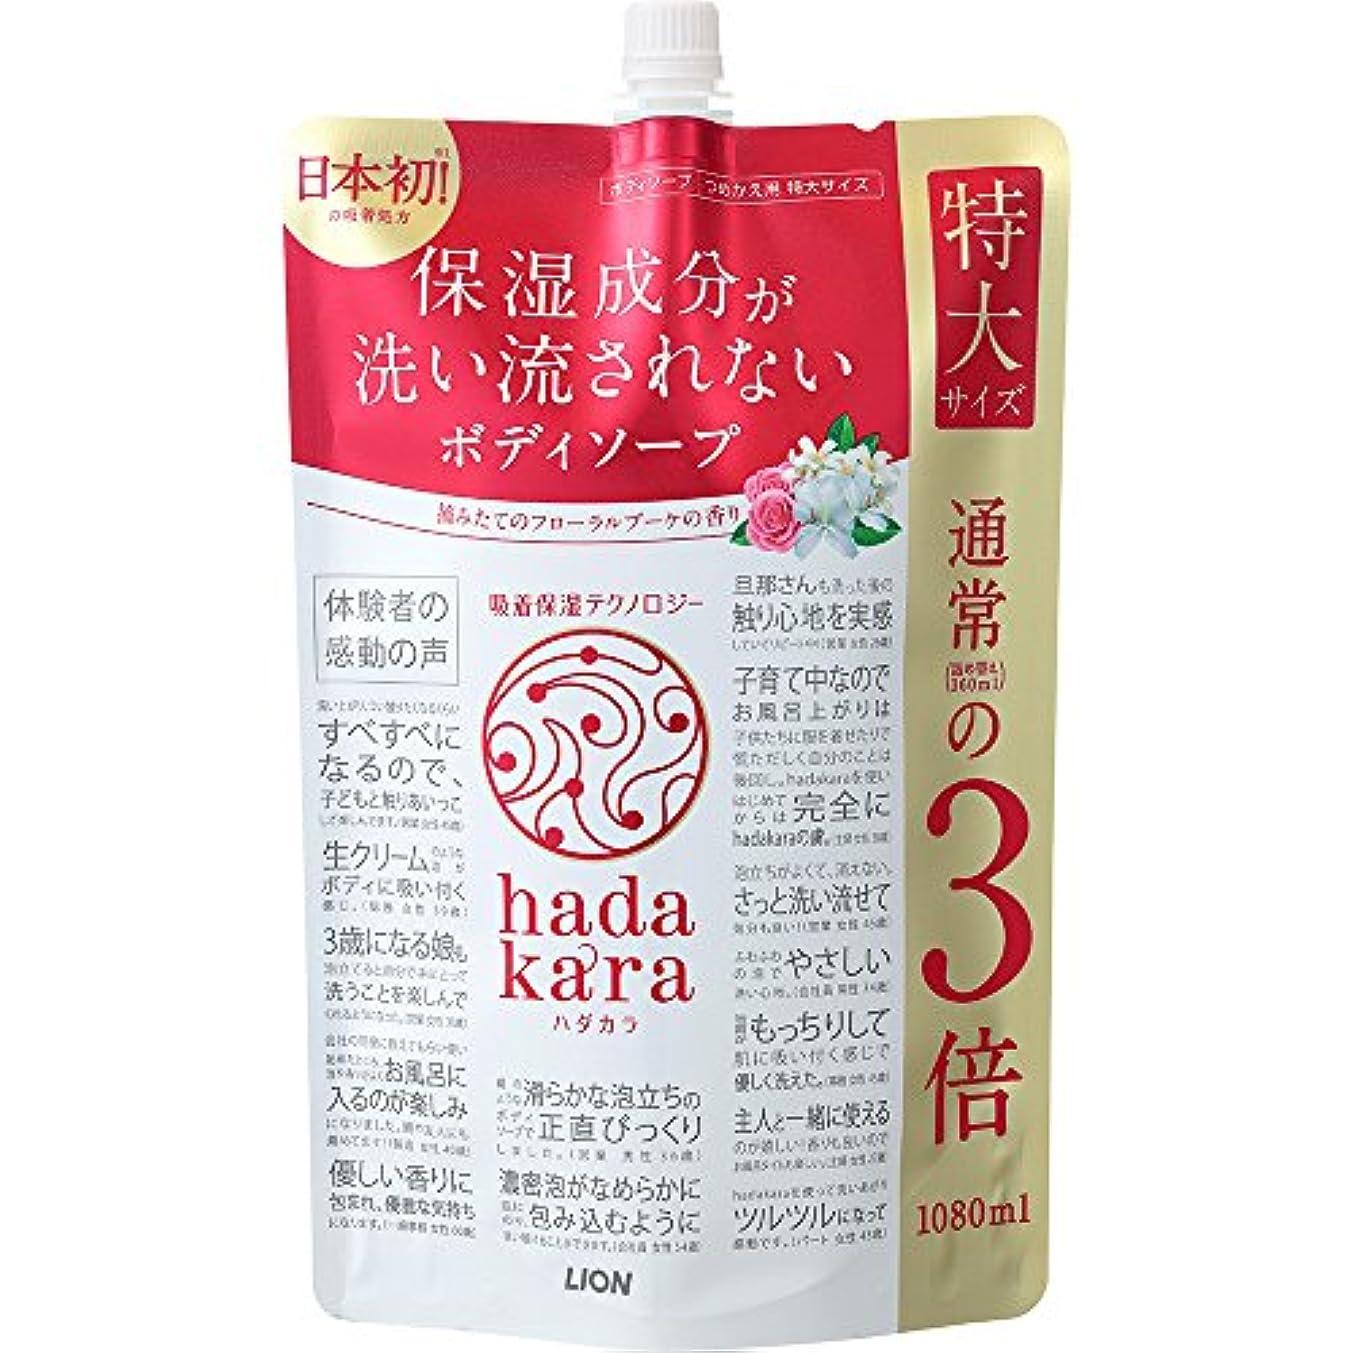 高める主流遡る【大容量】hadakara(ハダカラ) ボディソープ フローラルブーケの香り 詰め替え 特大 1080ml